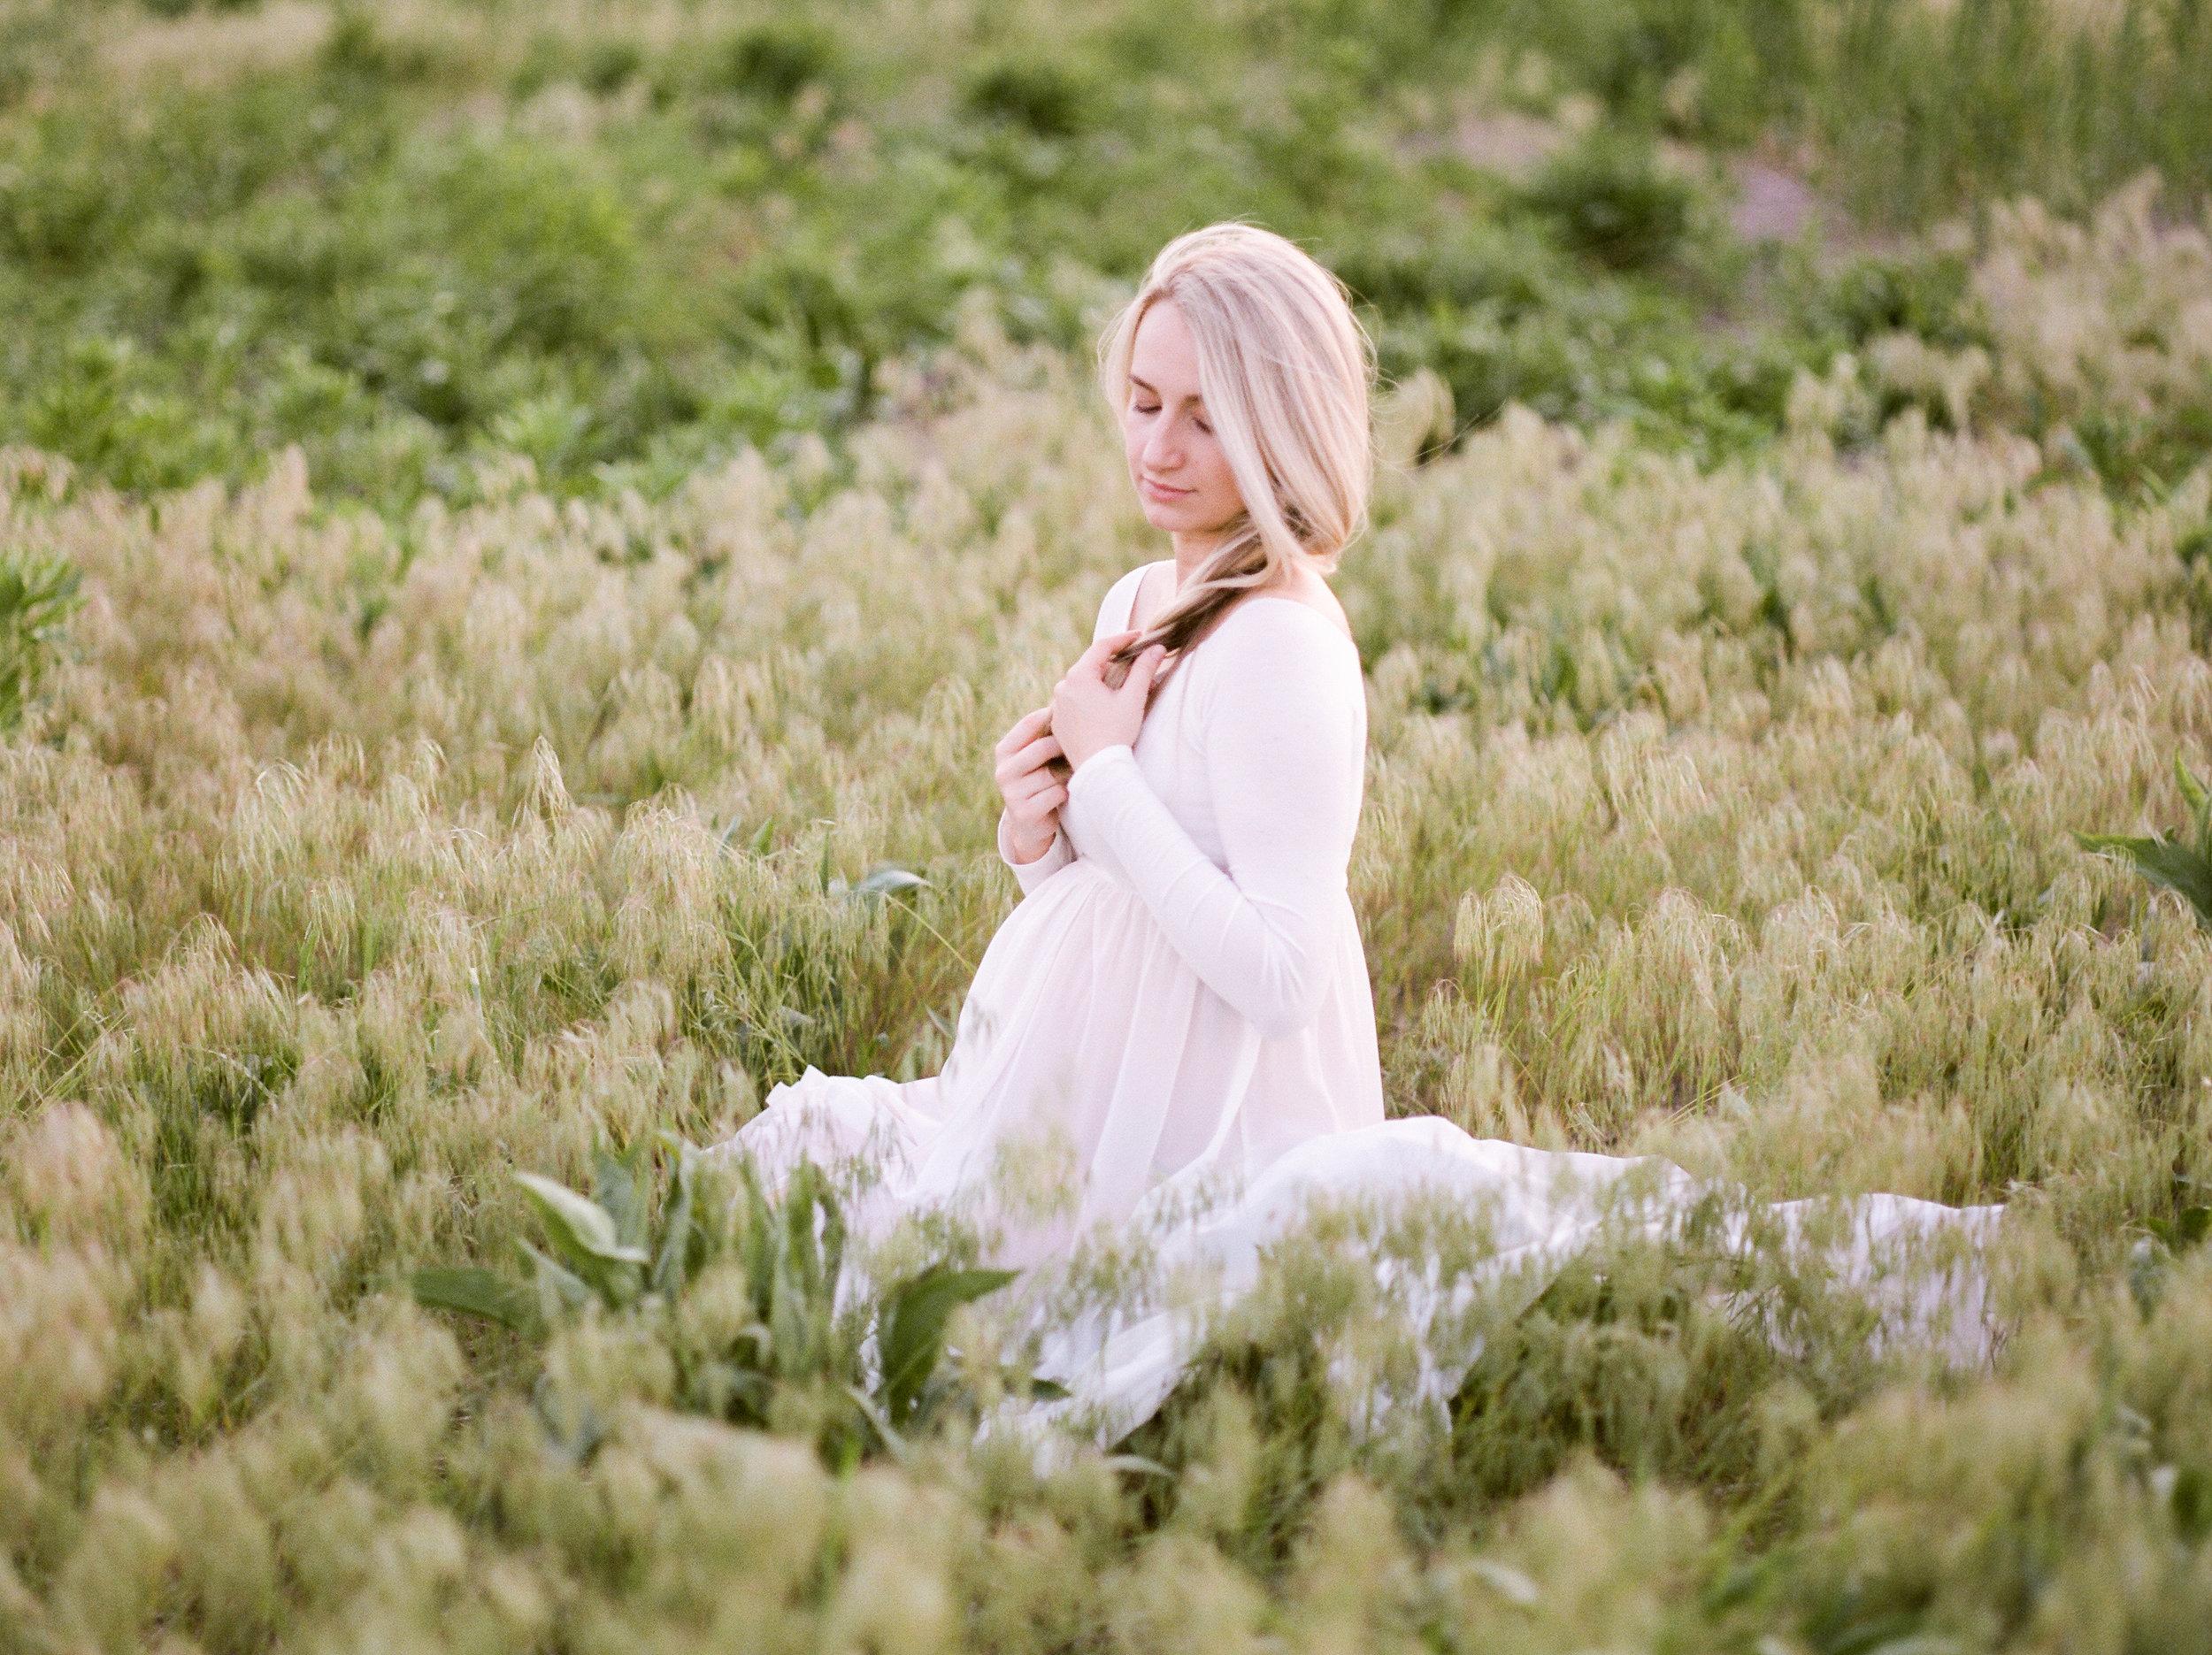 olya_vitulli_photography_martyna_maternity-1-8.jpg